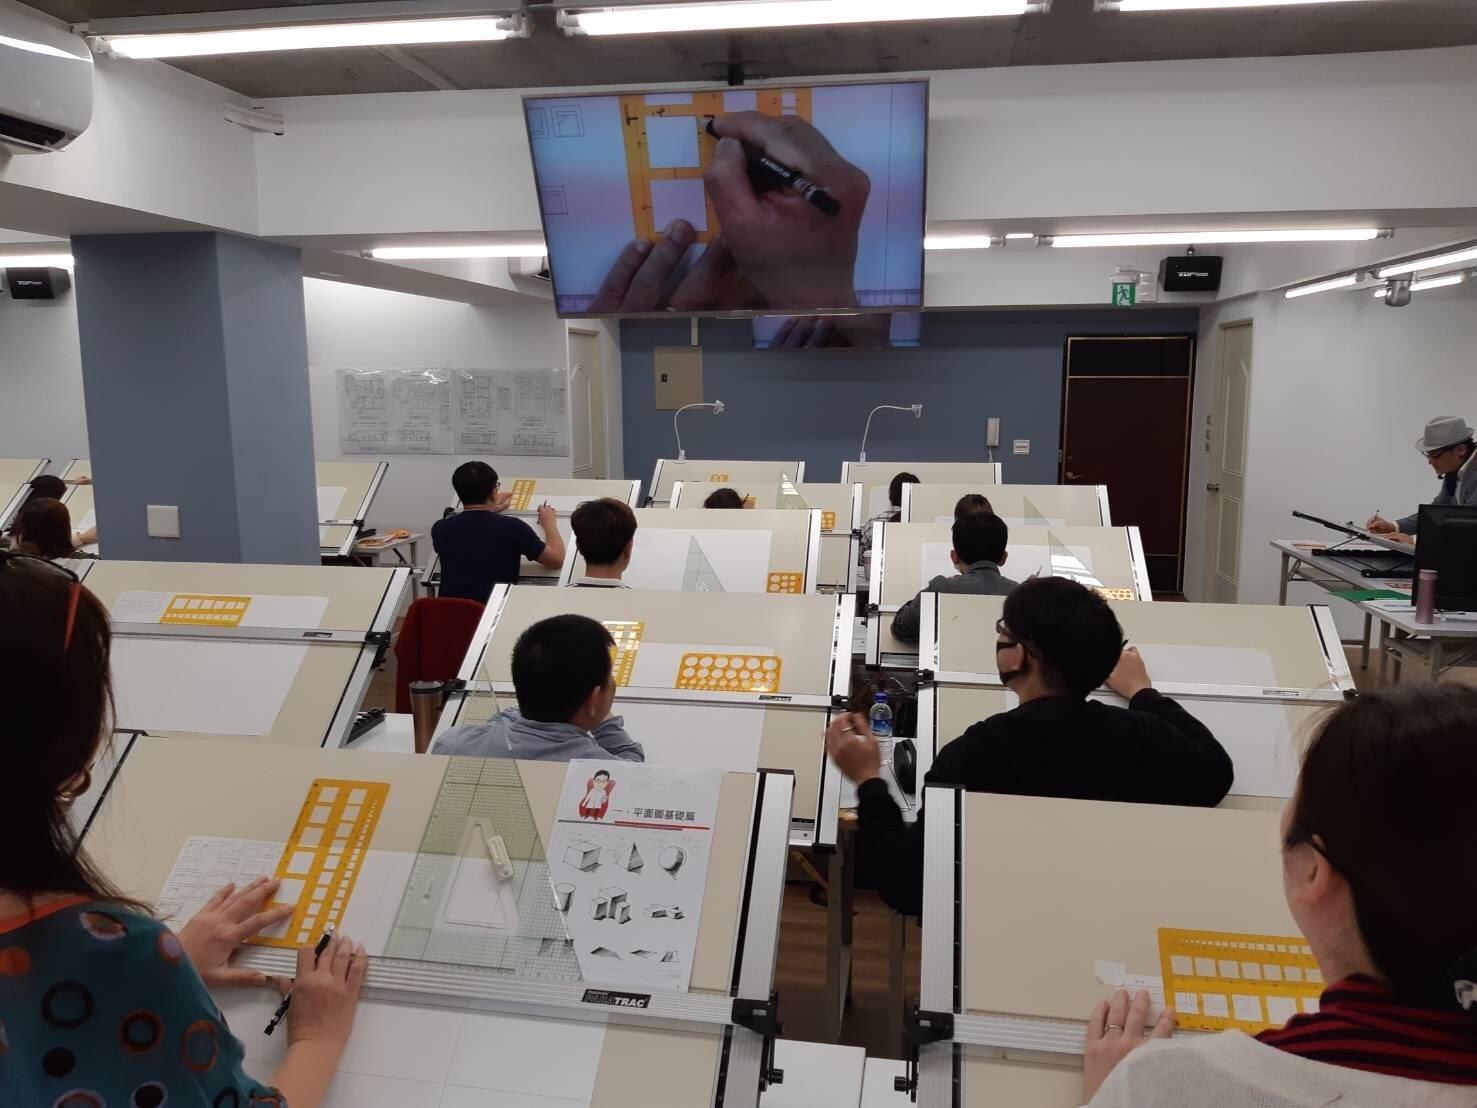 報名室內設計乙級課程說明 建築物室內設計12500  建築物室內裝修工程管理12600 手繪透視圖(非考照班)